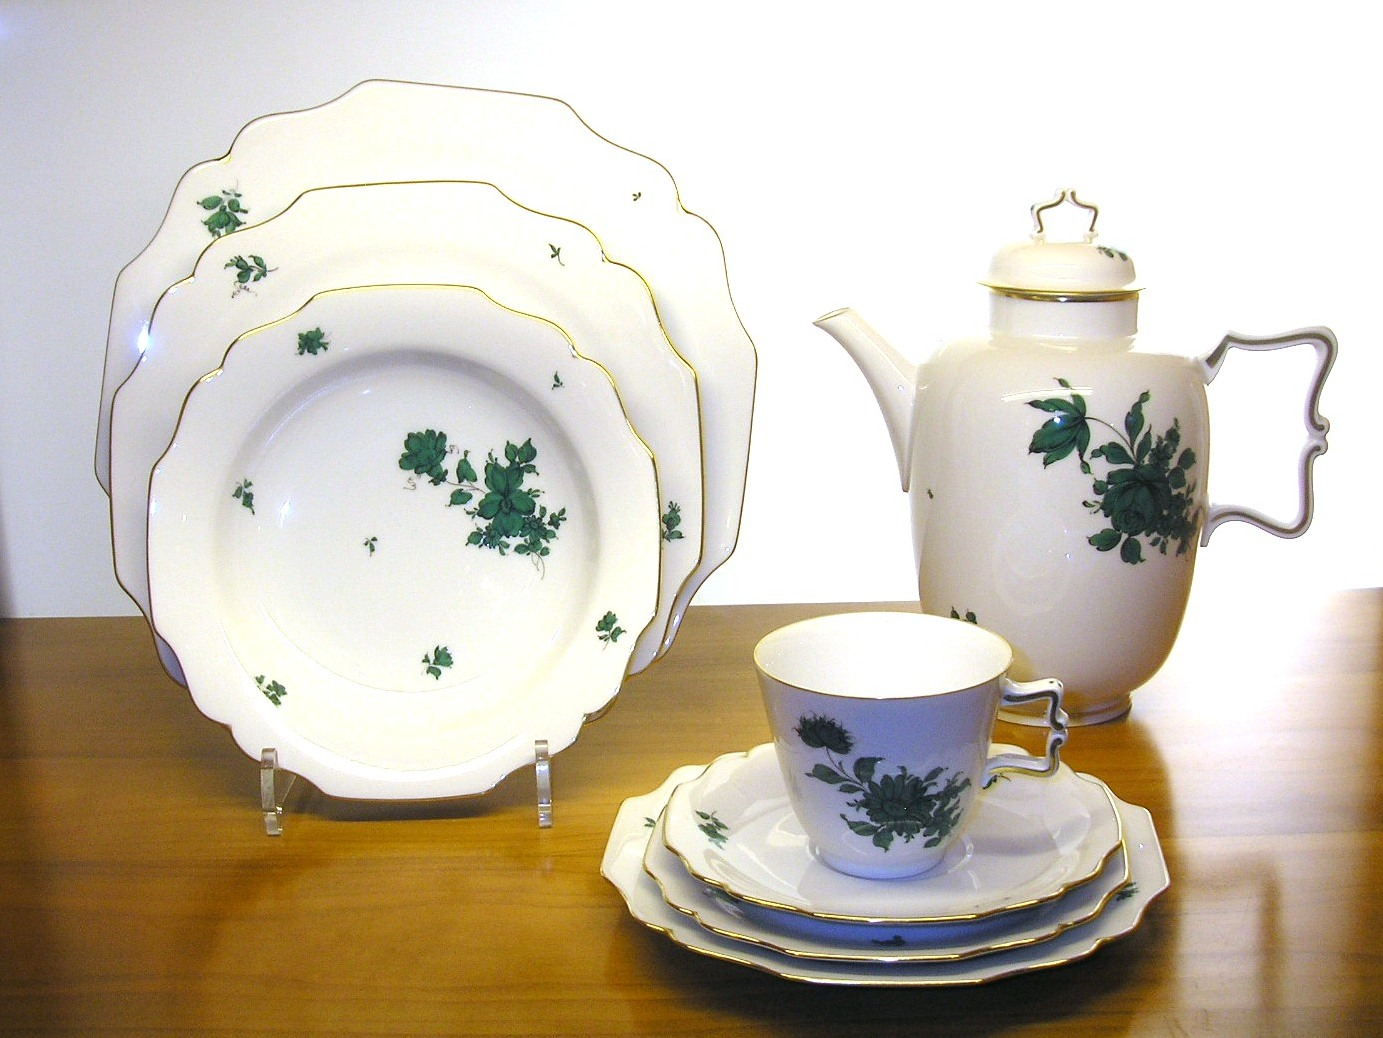 Фарфоровая посуда с рисунком